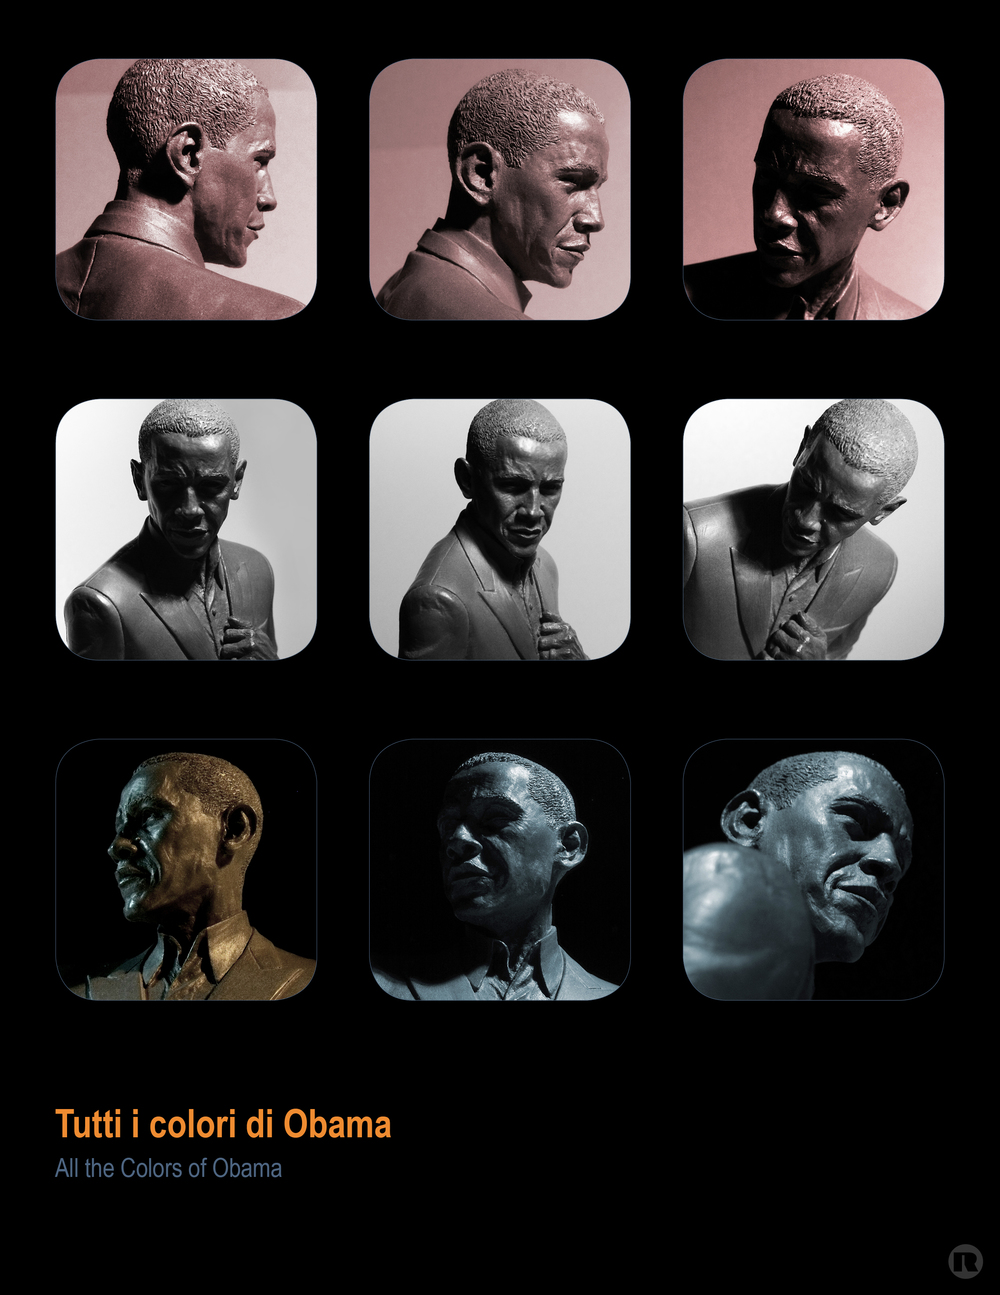 Tutti i colori di Obama poster by Rodney Jackson